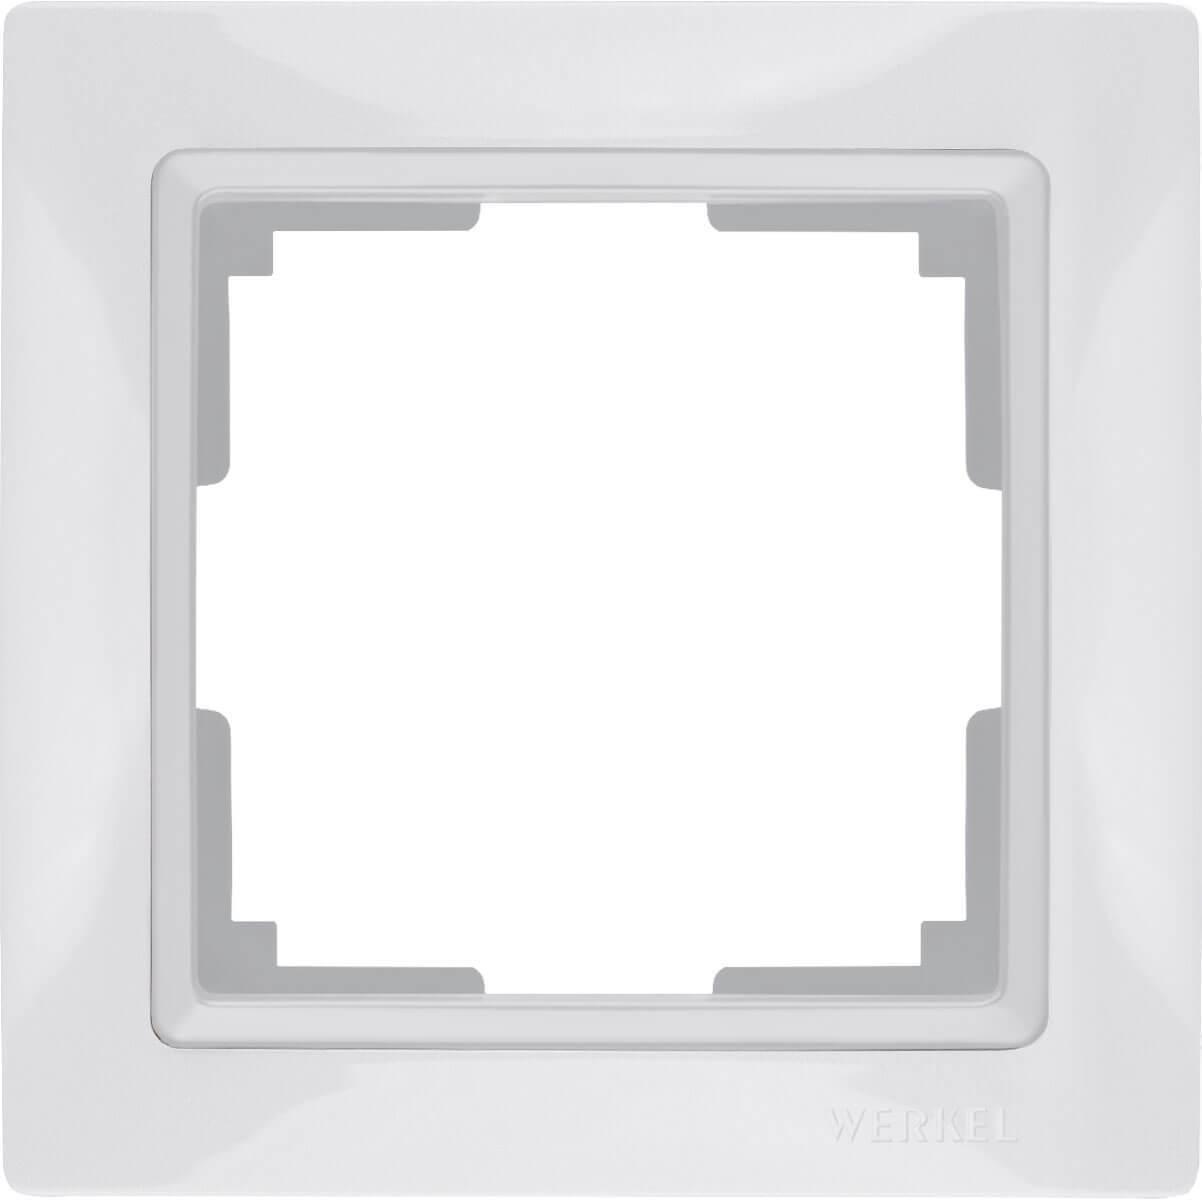 Рамка Werkel Snabb Basic на 1 пост белый WL03-Frame-01 4690389098710